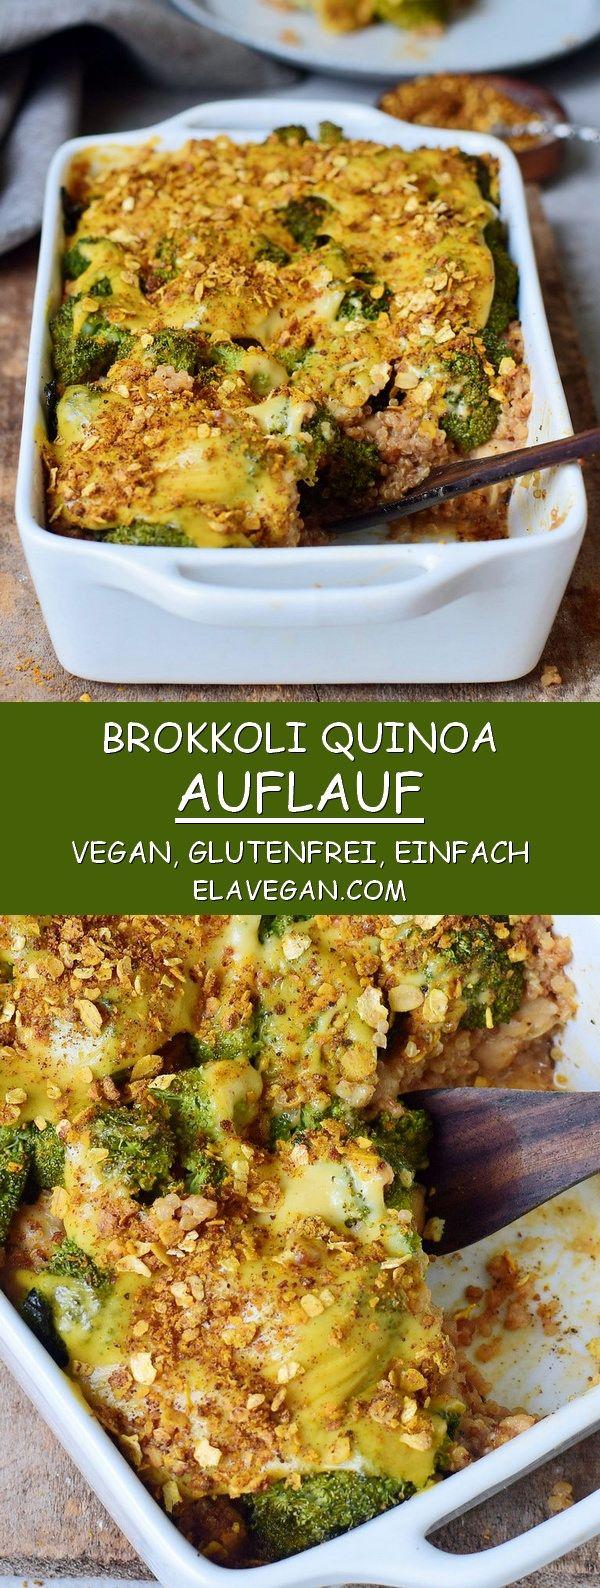 Brócoli saludable a la cazuela de quinua, vegana, sin gluten, sin granos y fácil de digerir.   – Vegan